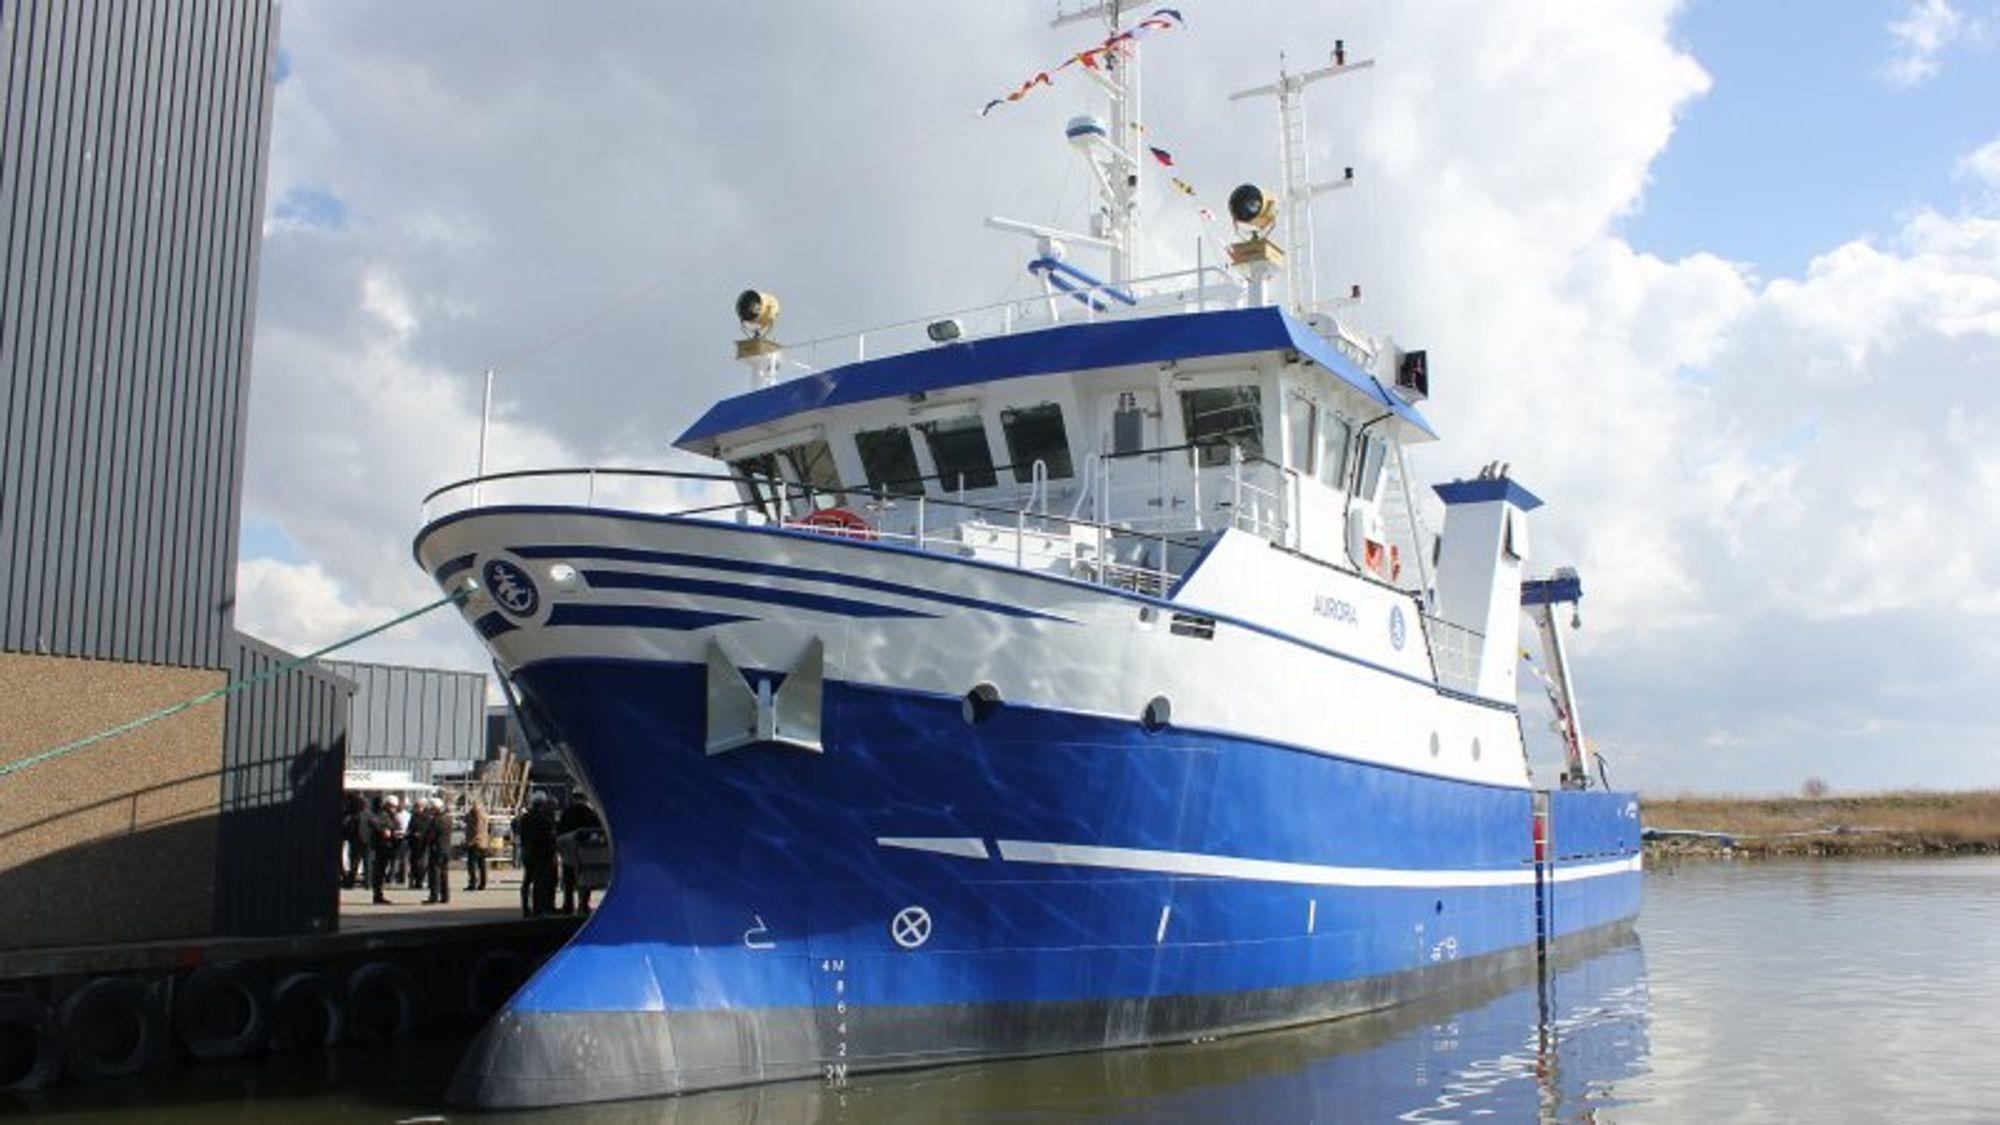 Aurora inneholder blant annet et Reson SEABAT 7125 høyoppløselig multistrålers ekkolodd som virker på dybder fra 0,5 til 500 meter.(Foto: Aarhus Universitet)